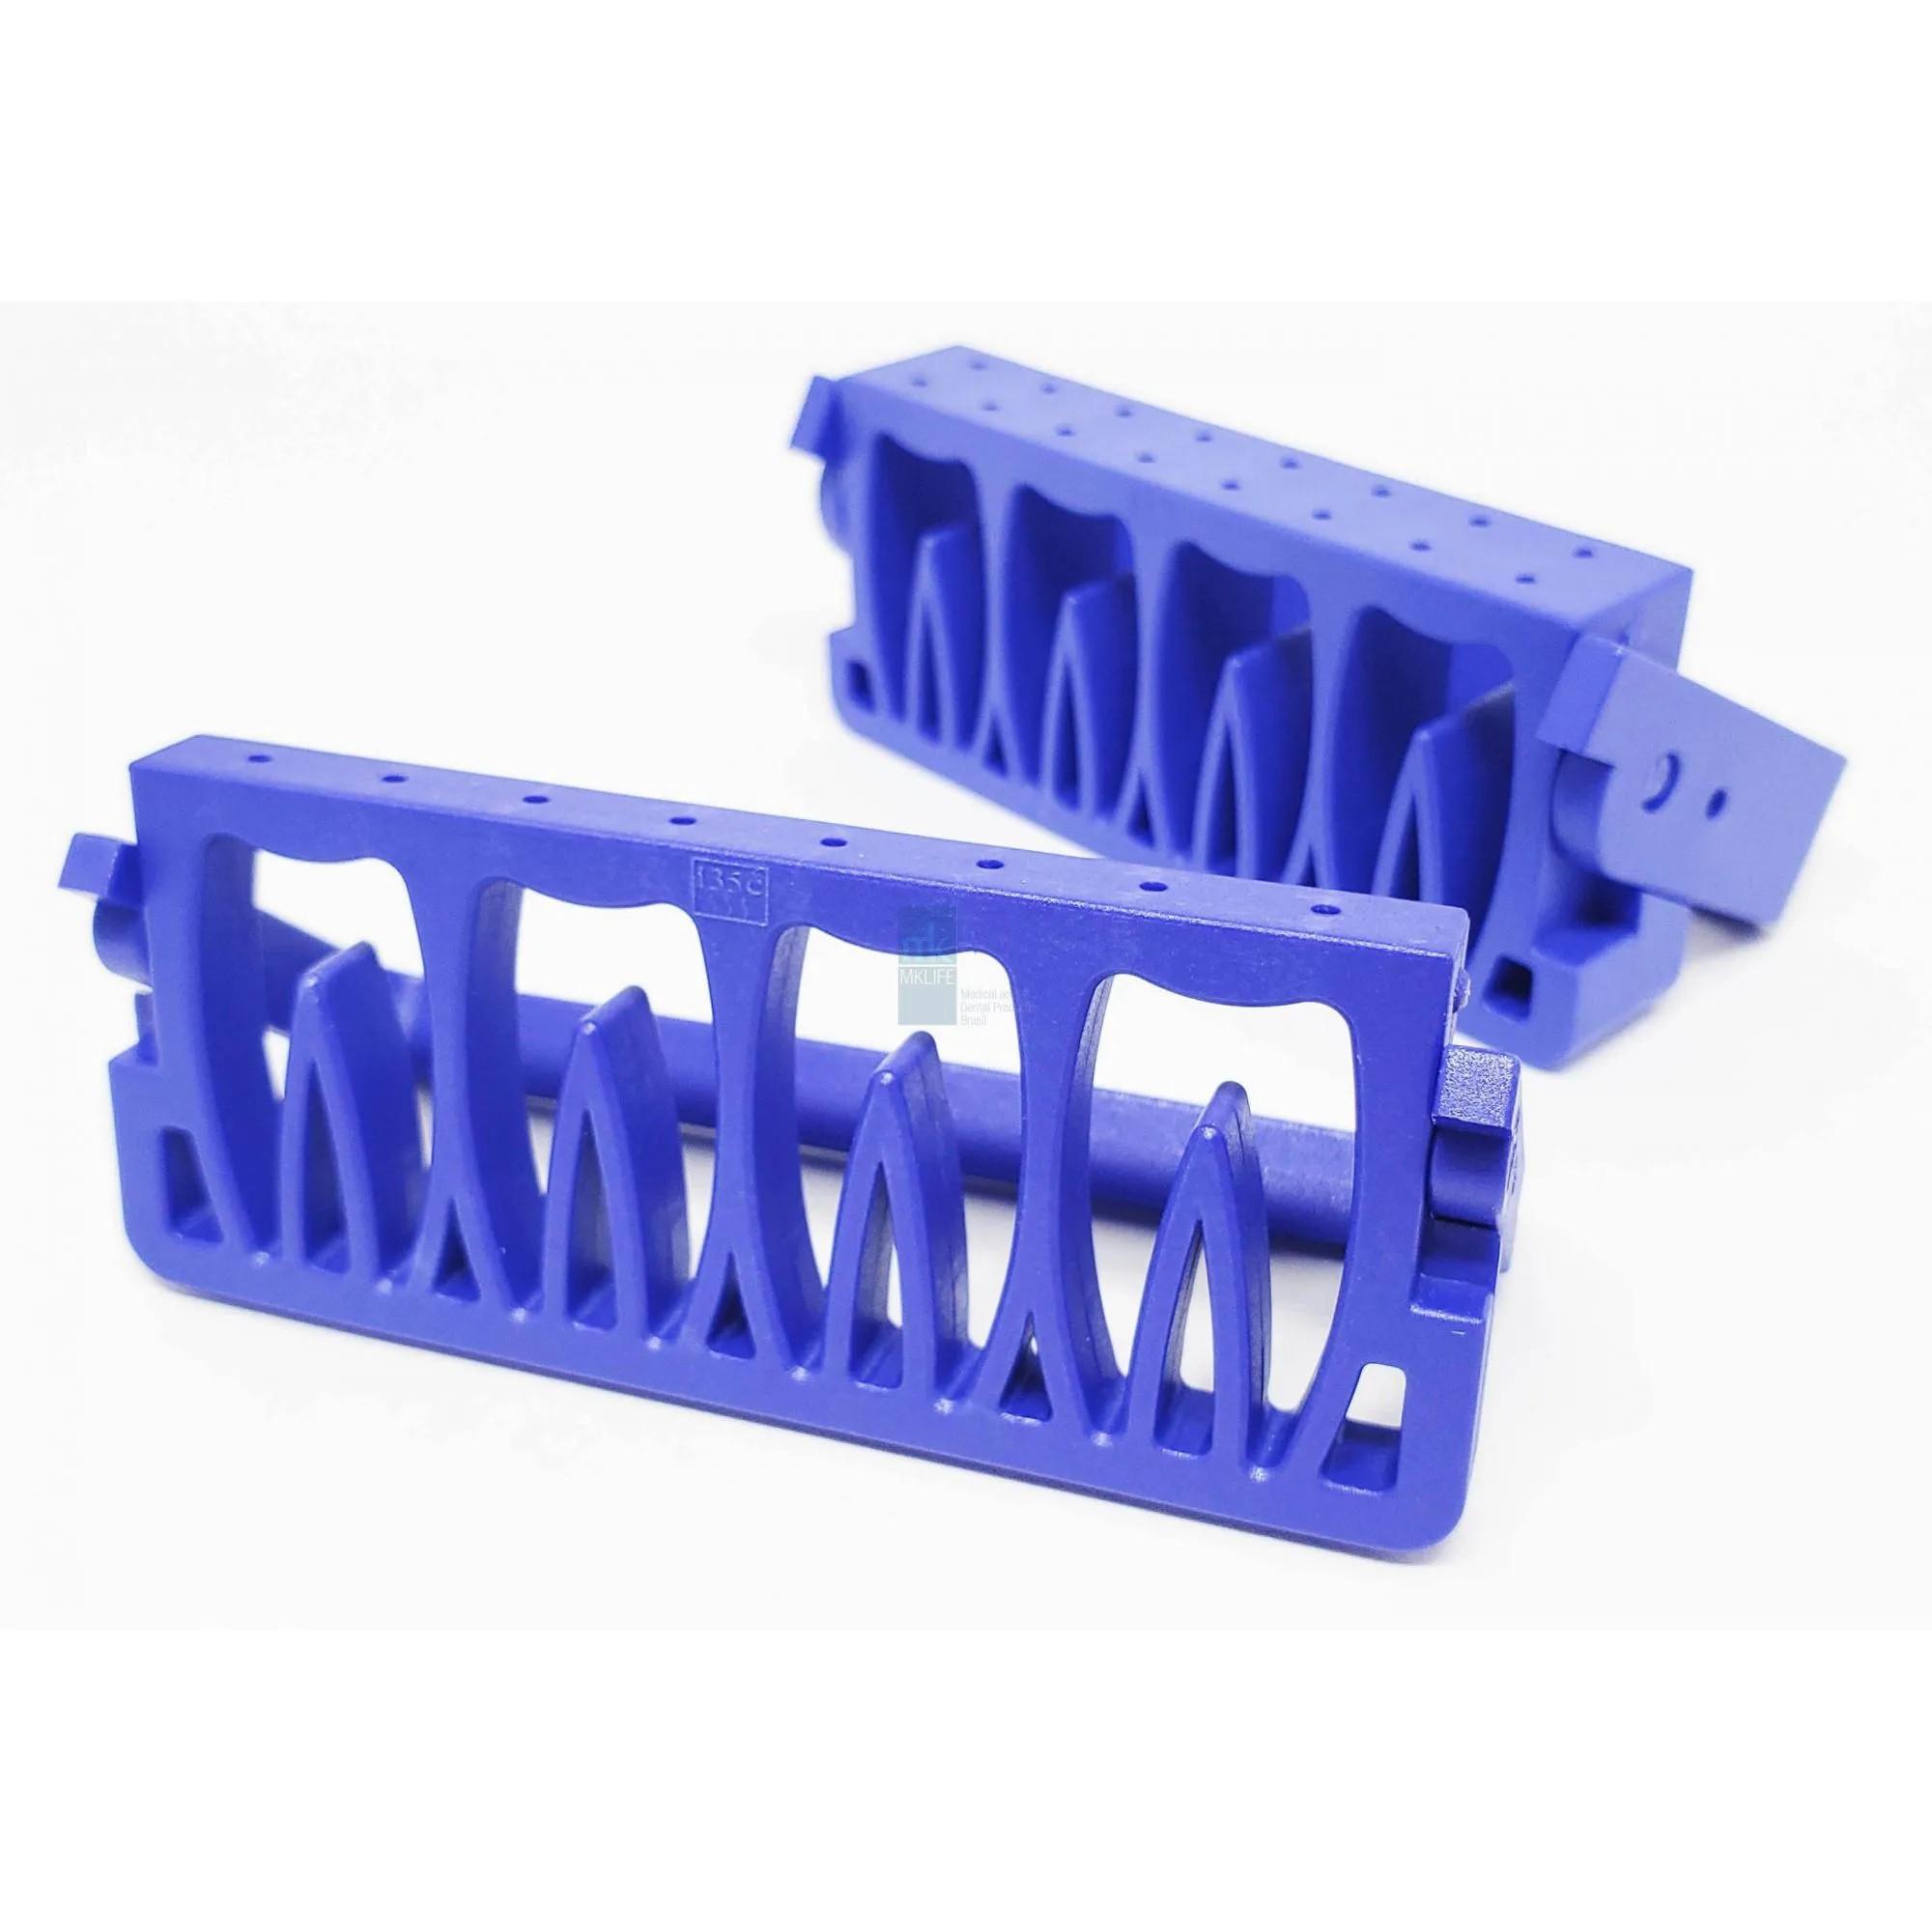 Estojo p/ Autoclavar Limas (08 Instrumentos) - MkLife  -  Dental Paiva